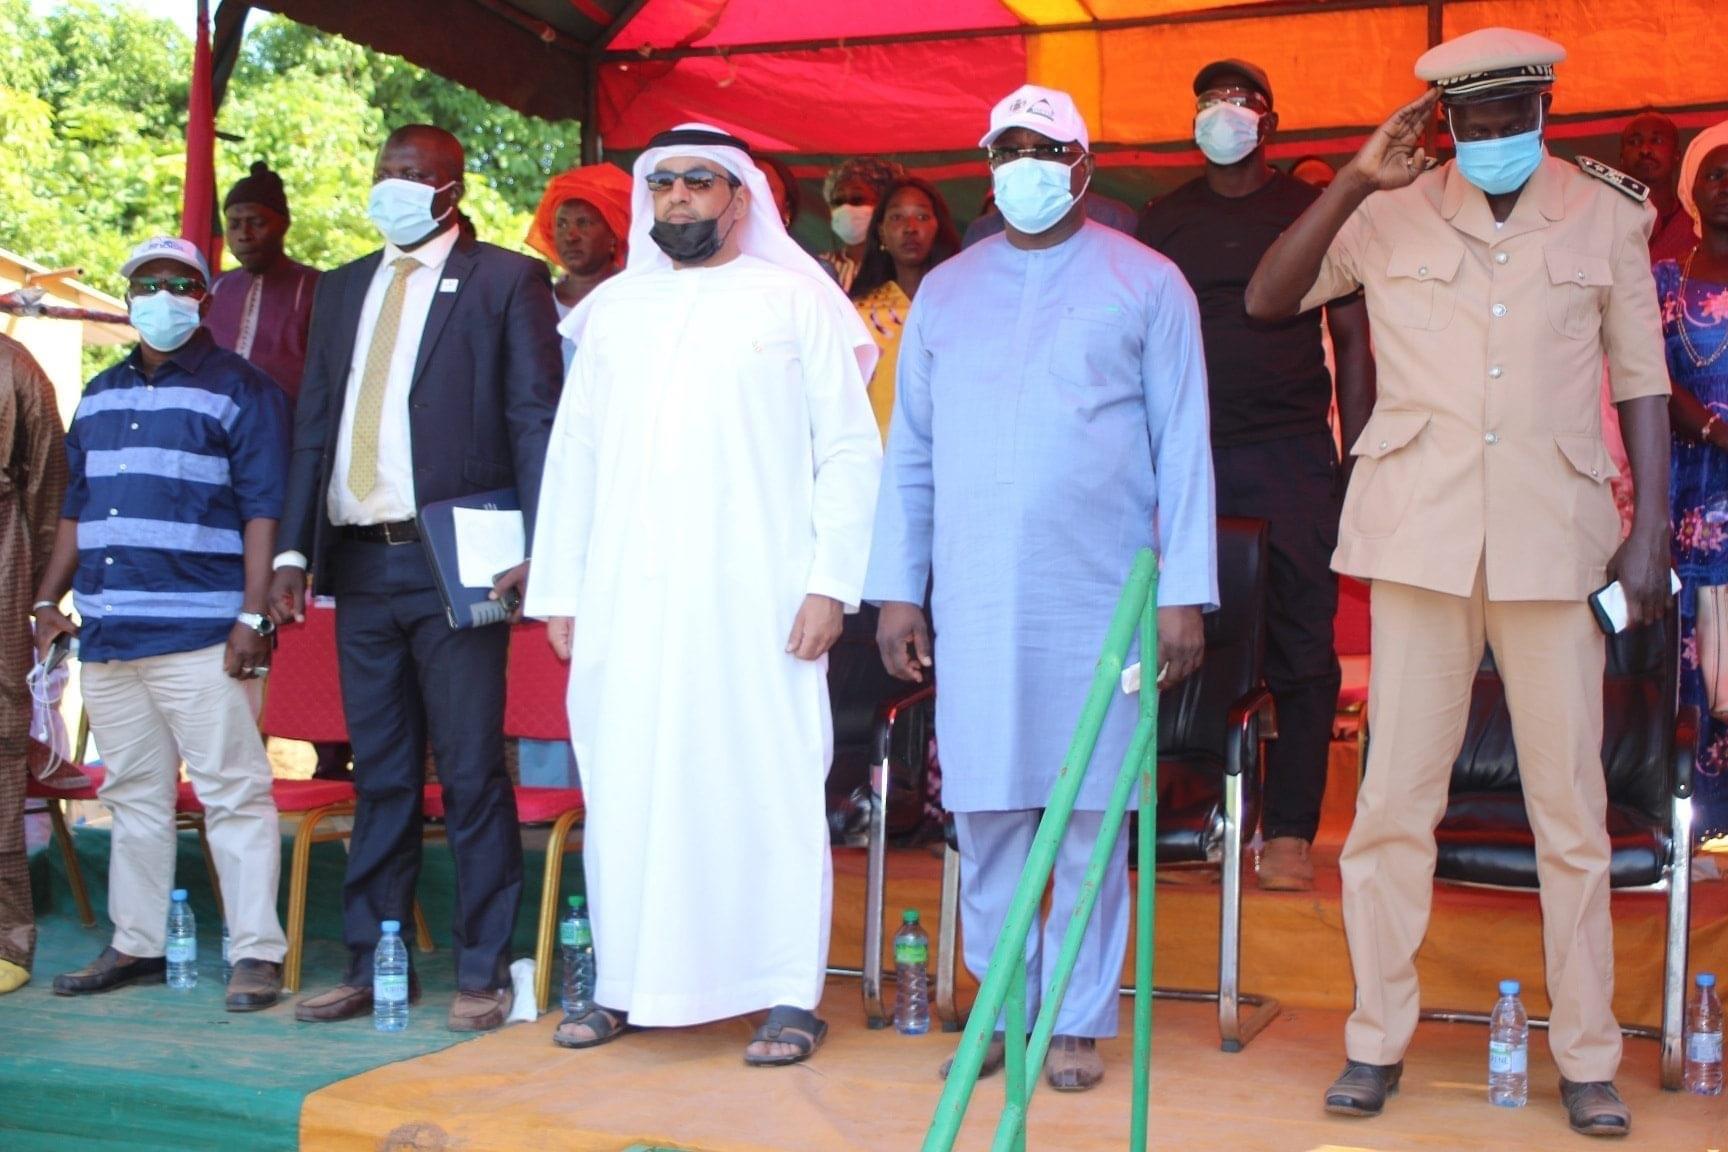 COOPÉRATION ENTRE ZIGUINCHOR ET LES ÉMIRATS ARABES UNIS : Abdoulaye Baldé appelle les investisseurs Emirati à investir en Casamance.